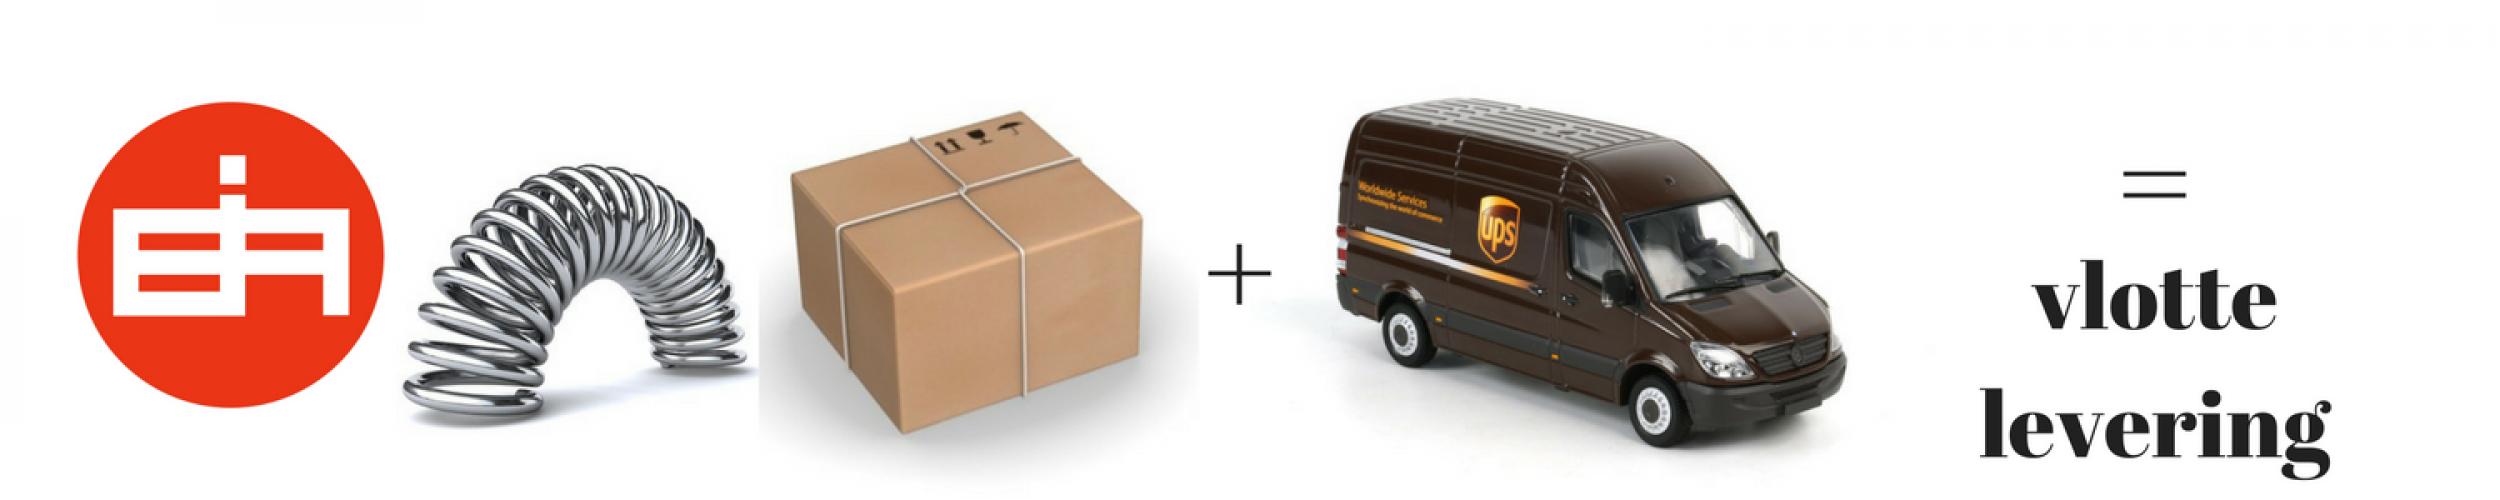 Inexal en UPS samen garant voor een snelle en correcte levering